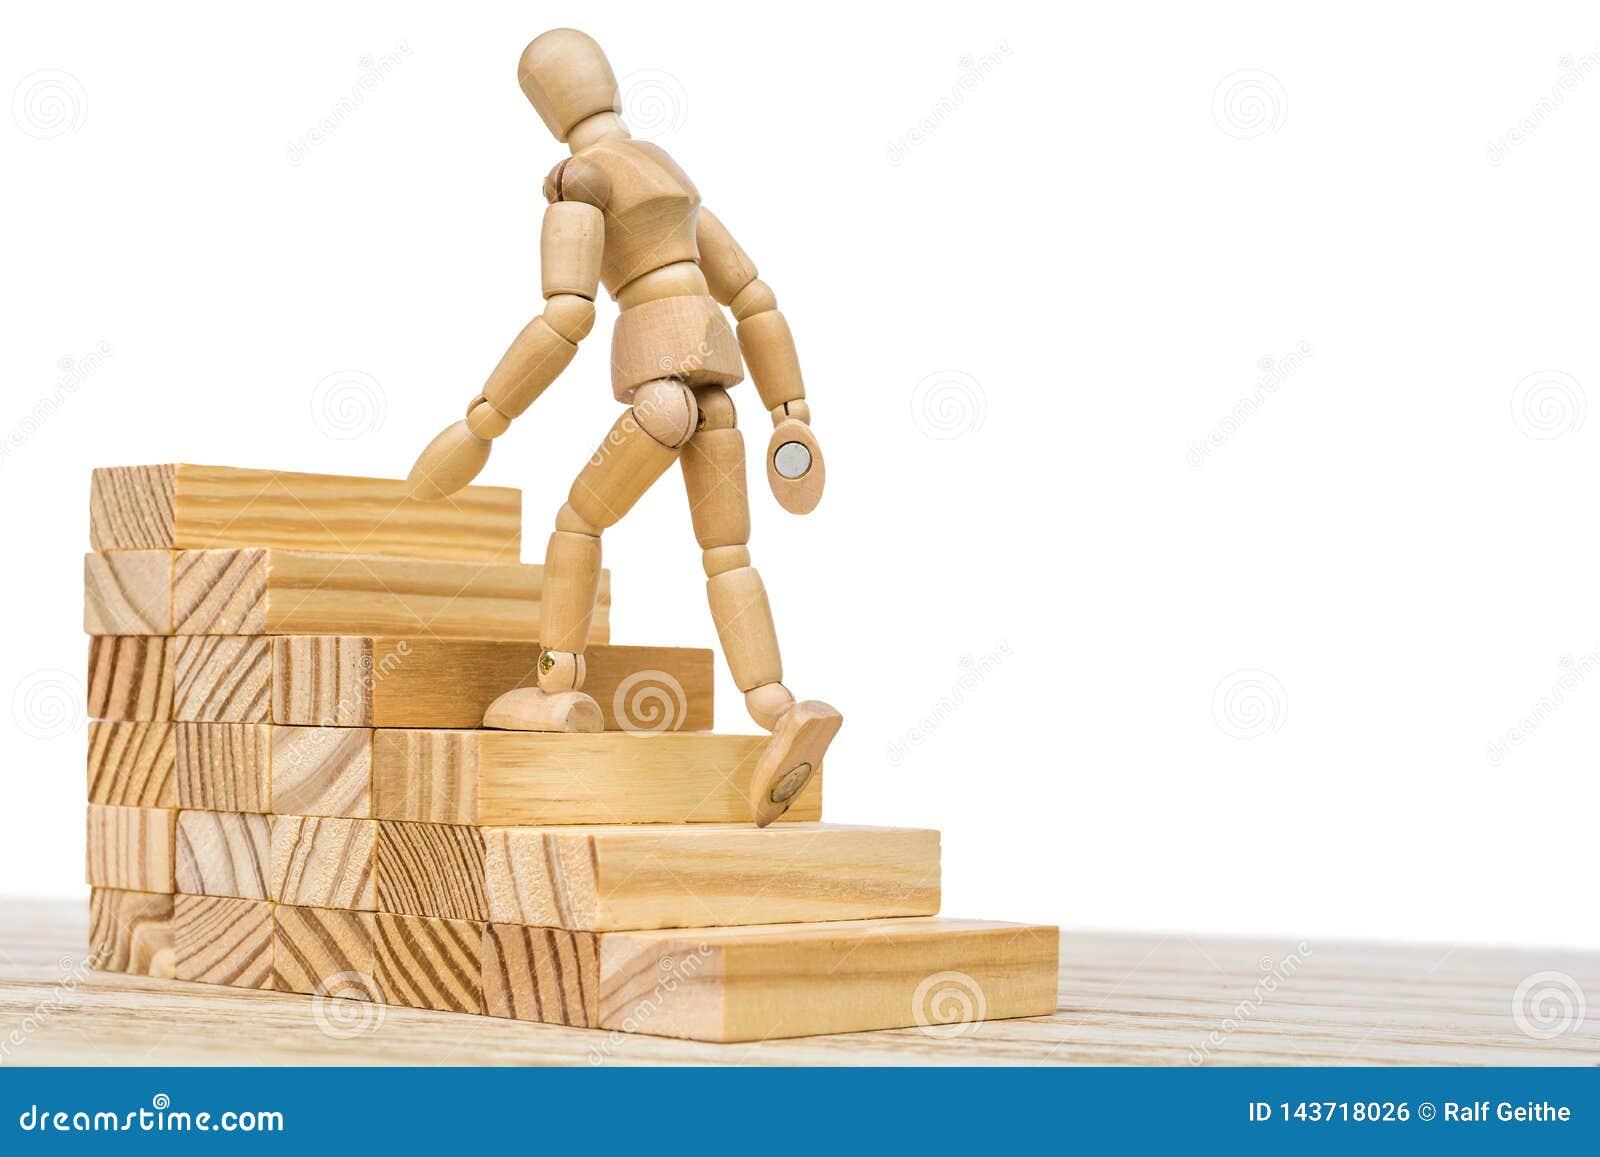 Hölzerne Zahl klettert ein hölzernes Treppenhaus als Symbol der Karriereförderung